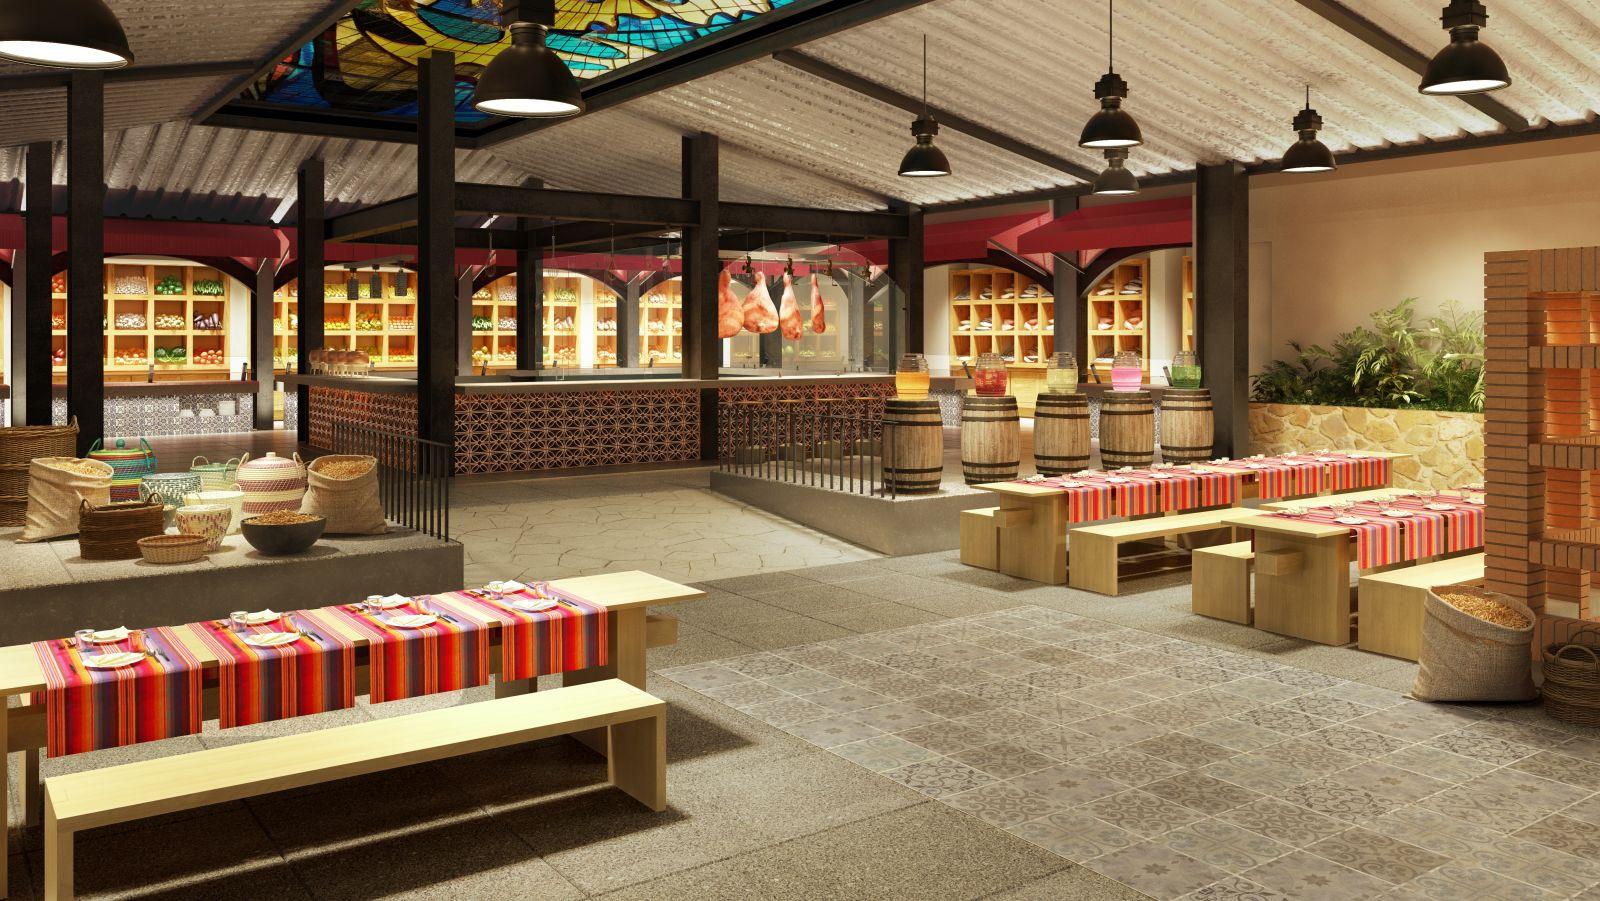 El mercado 360 restaurant